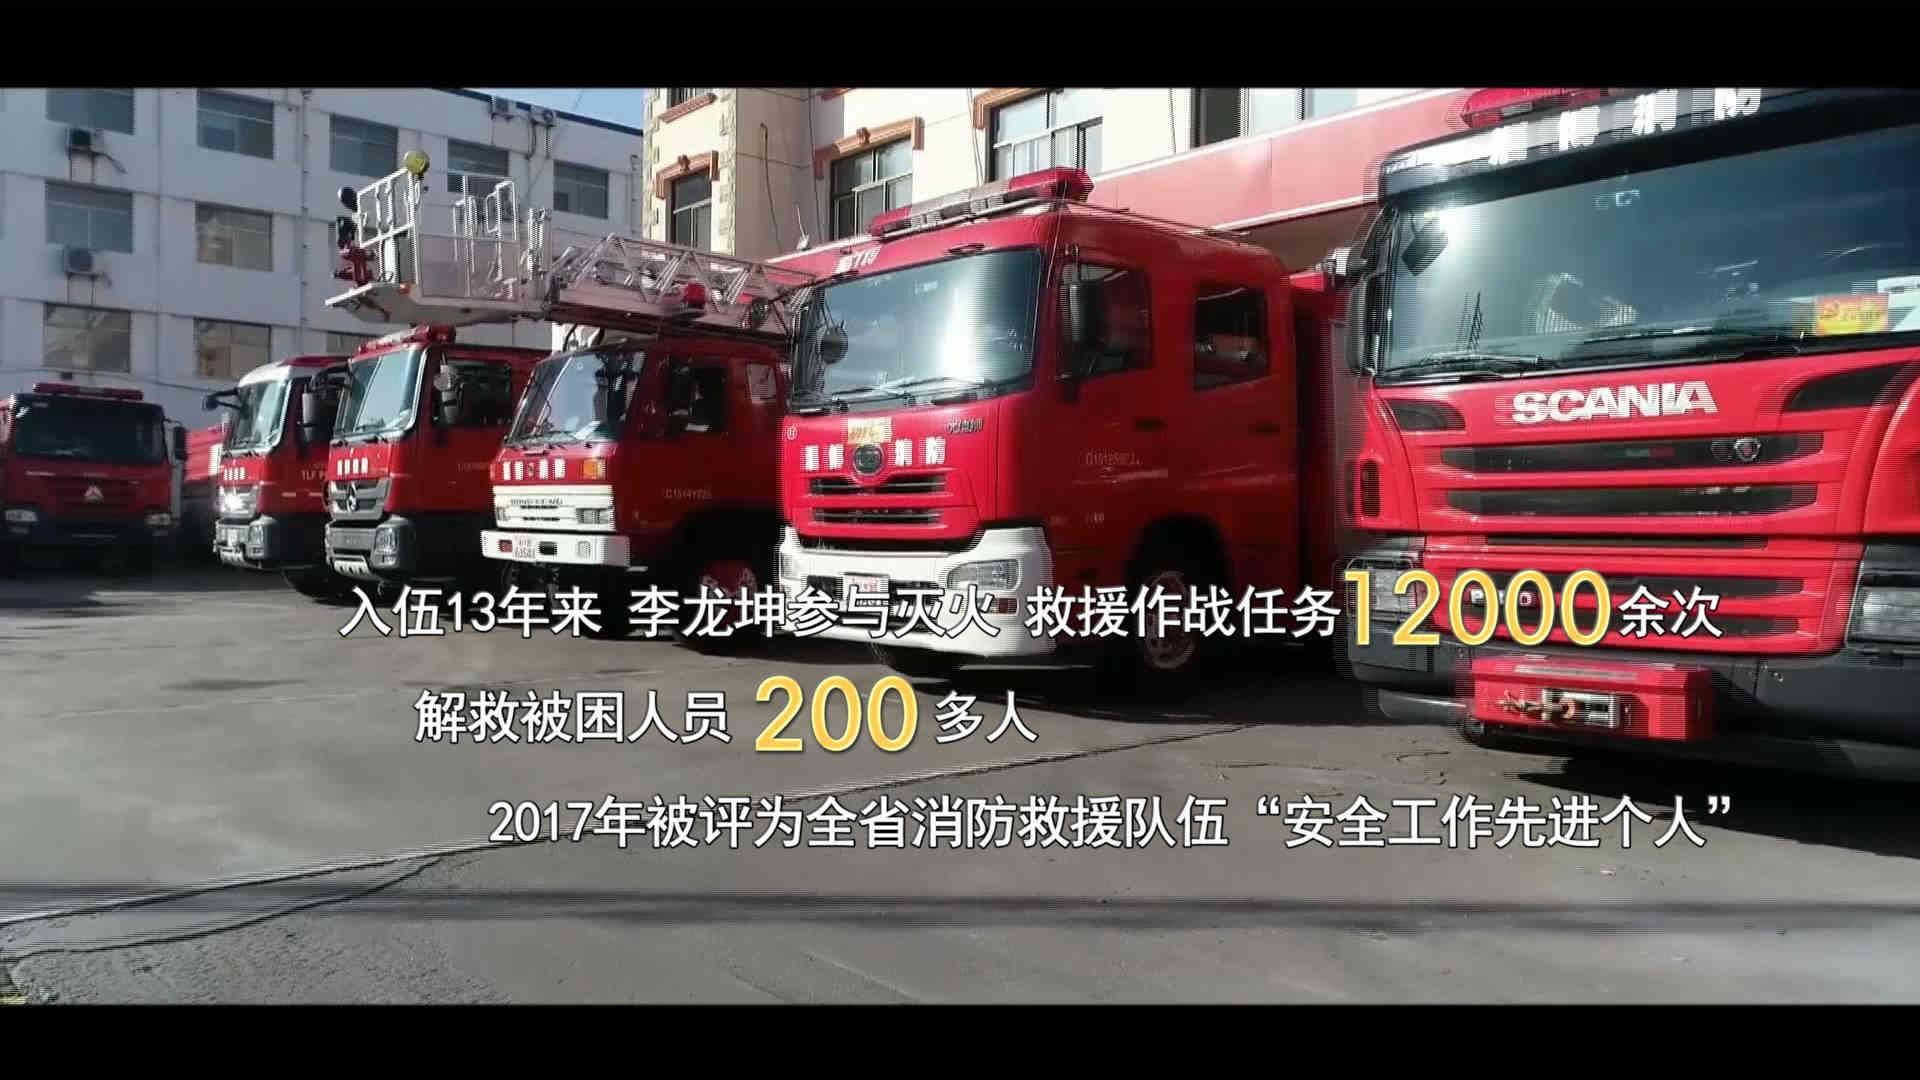 《应急在线》20201129:齐鲁最美消防员:李龙坤